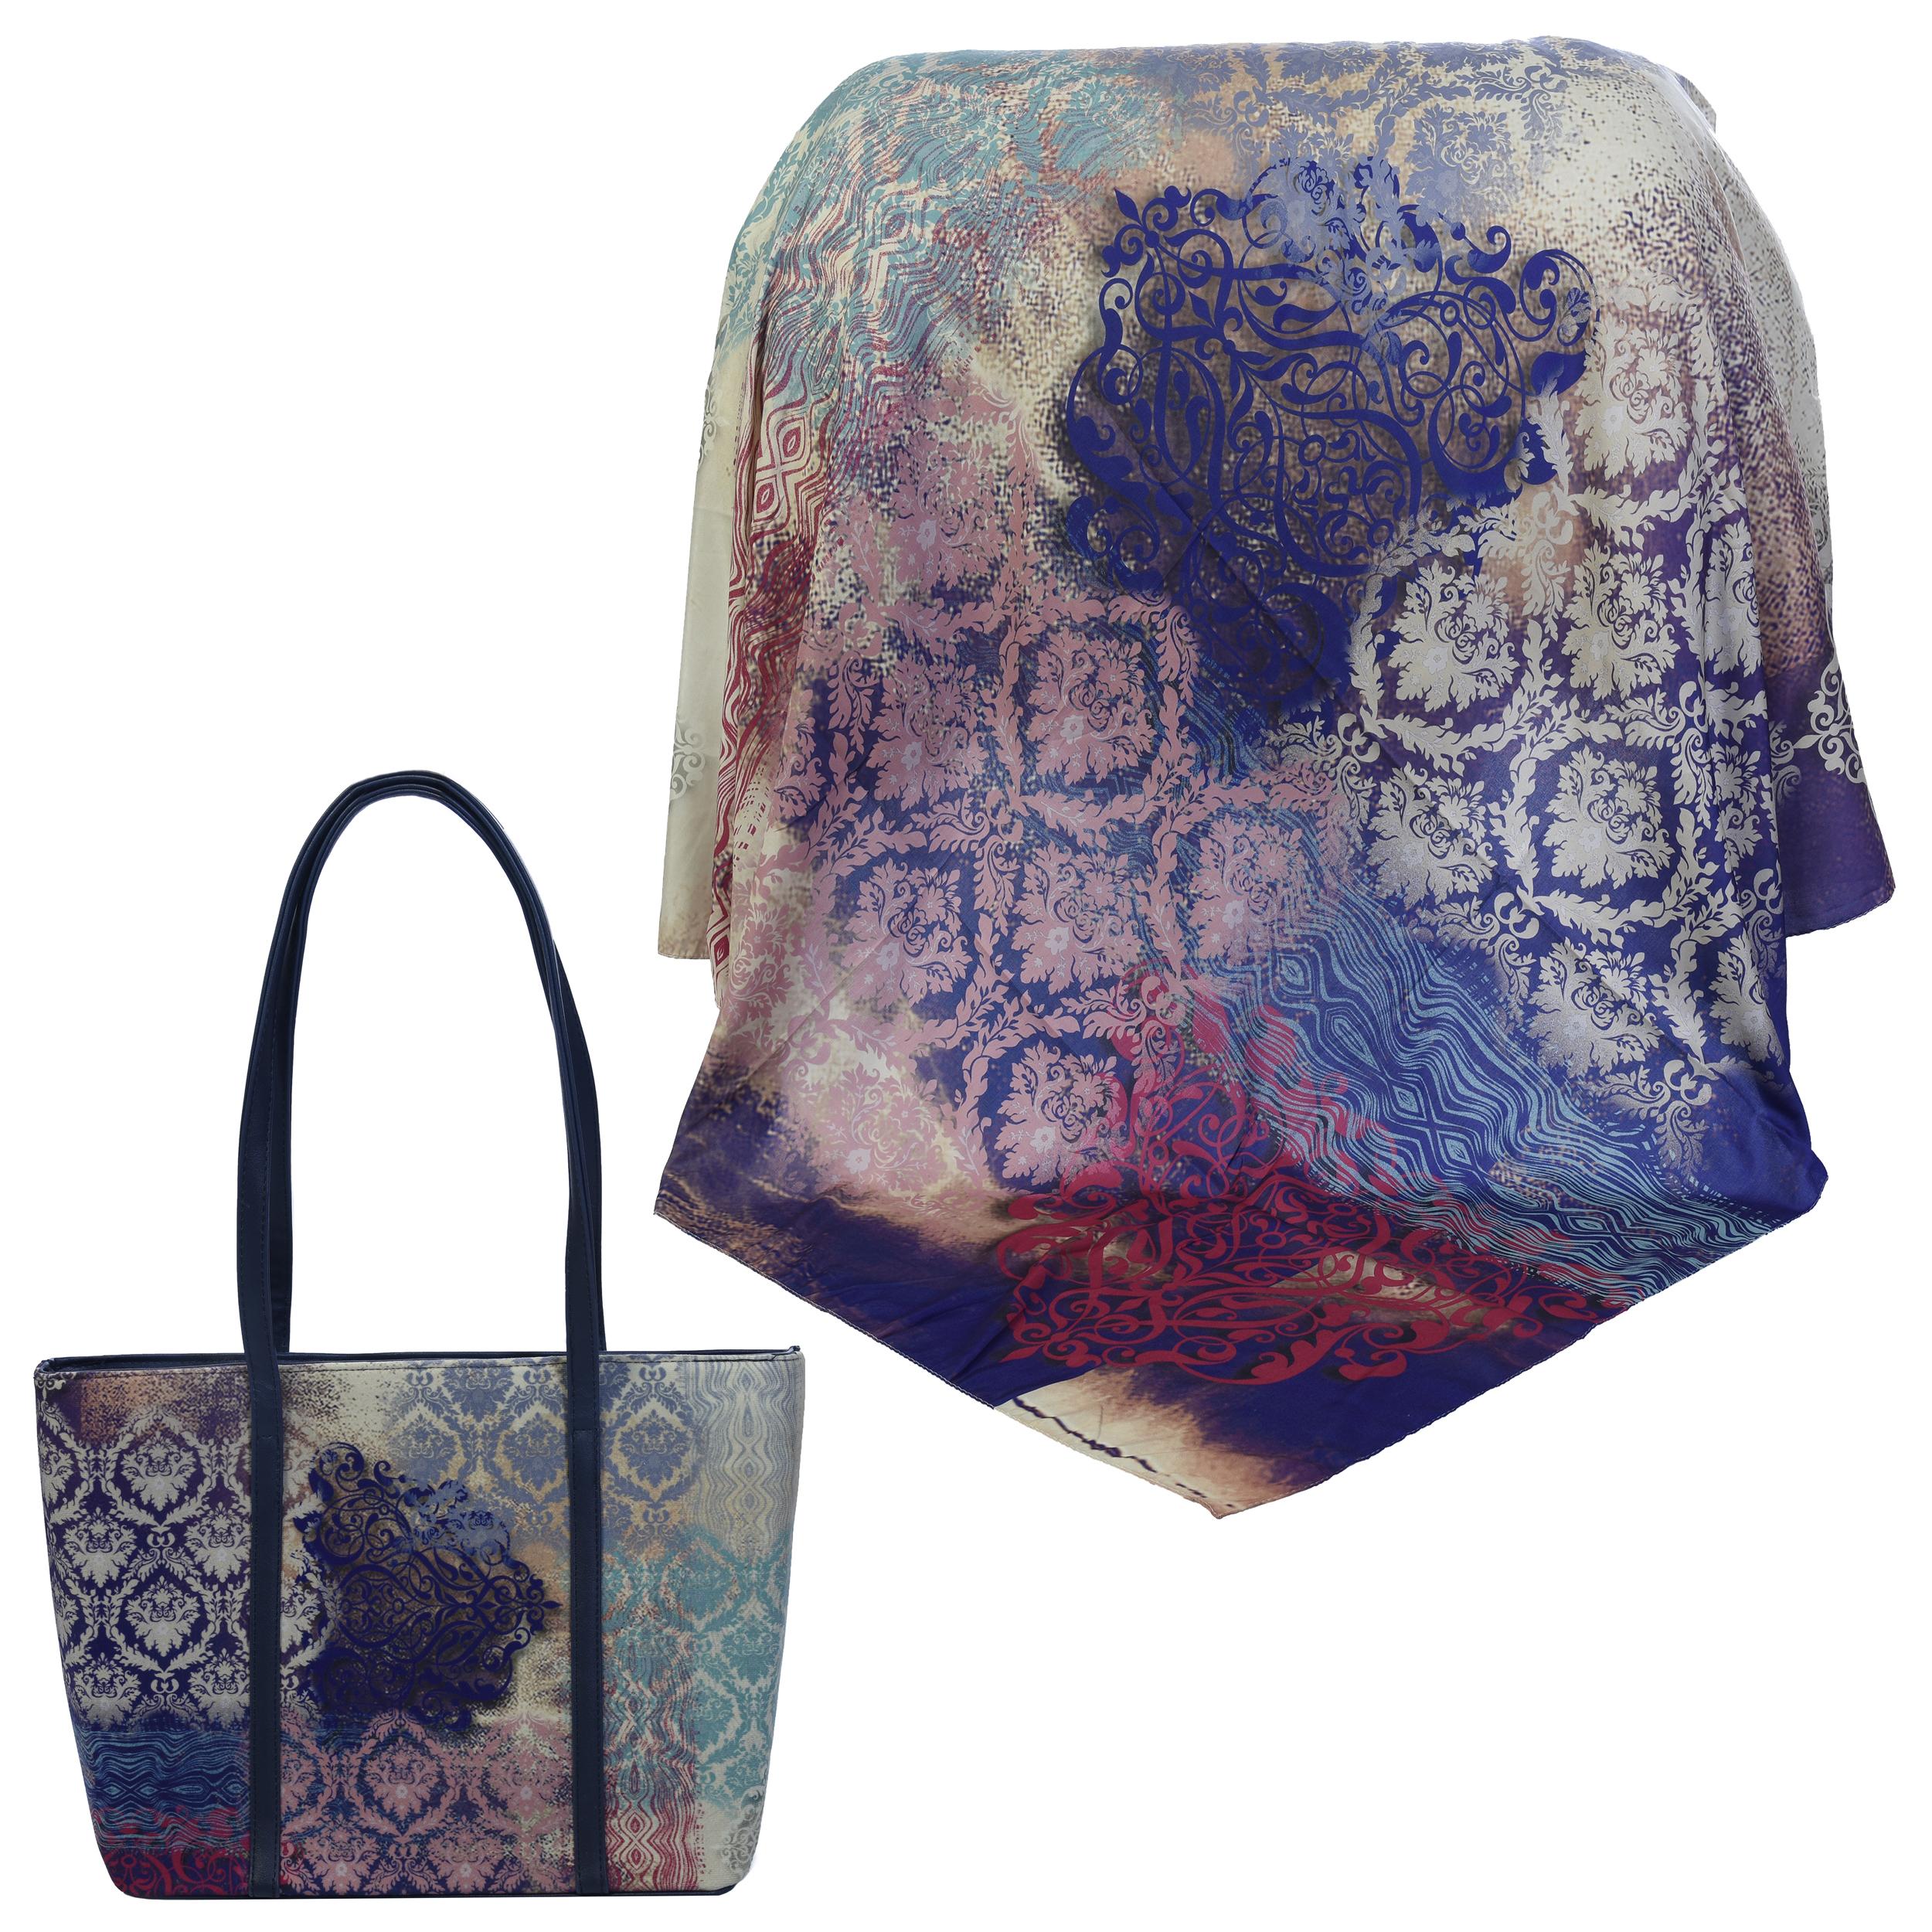 ست کیف و روسری زنانه کد 990117-T1